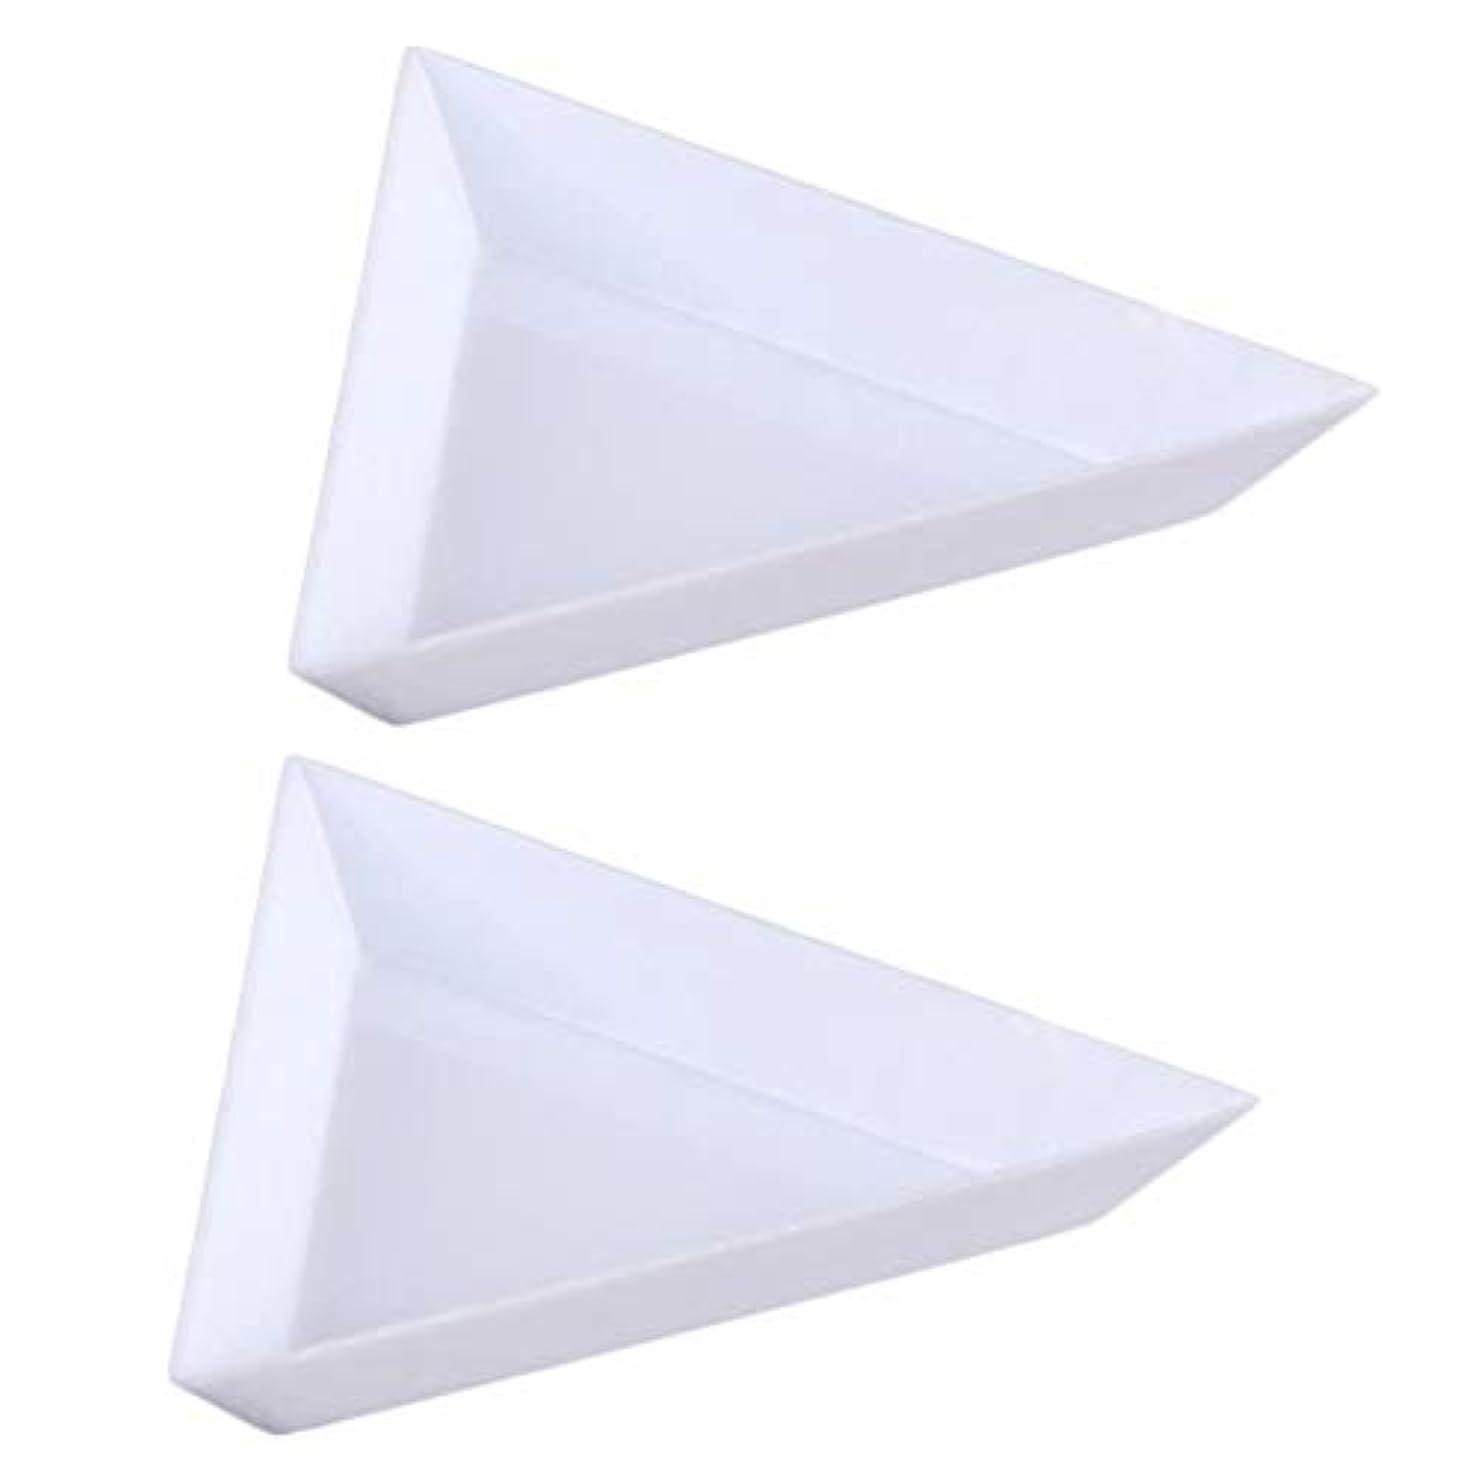 トン確立あいさつRETYLY 10個三角コーナープラスチックラインストーンビーズ 結晶 ネイルアートソーティングトレイアクセサリー白 DiyネイルアートデコレーションDotting収納トレイ オーガニゼーションに最適